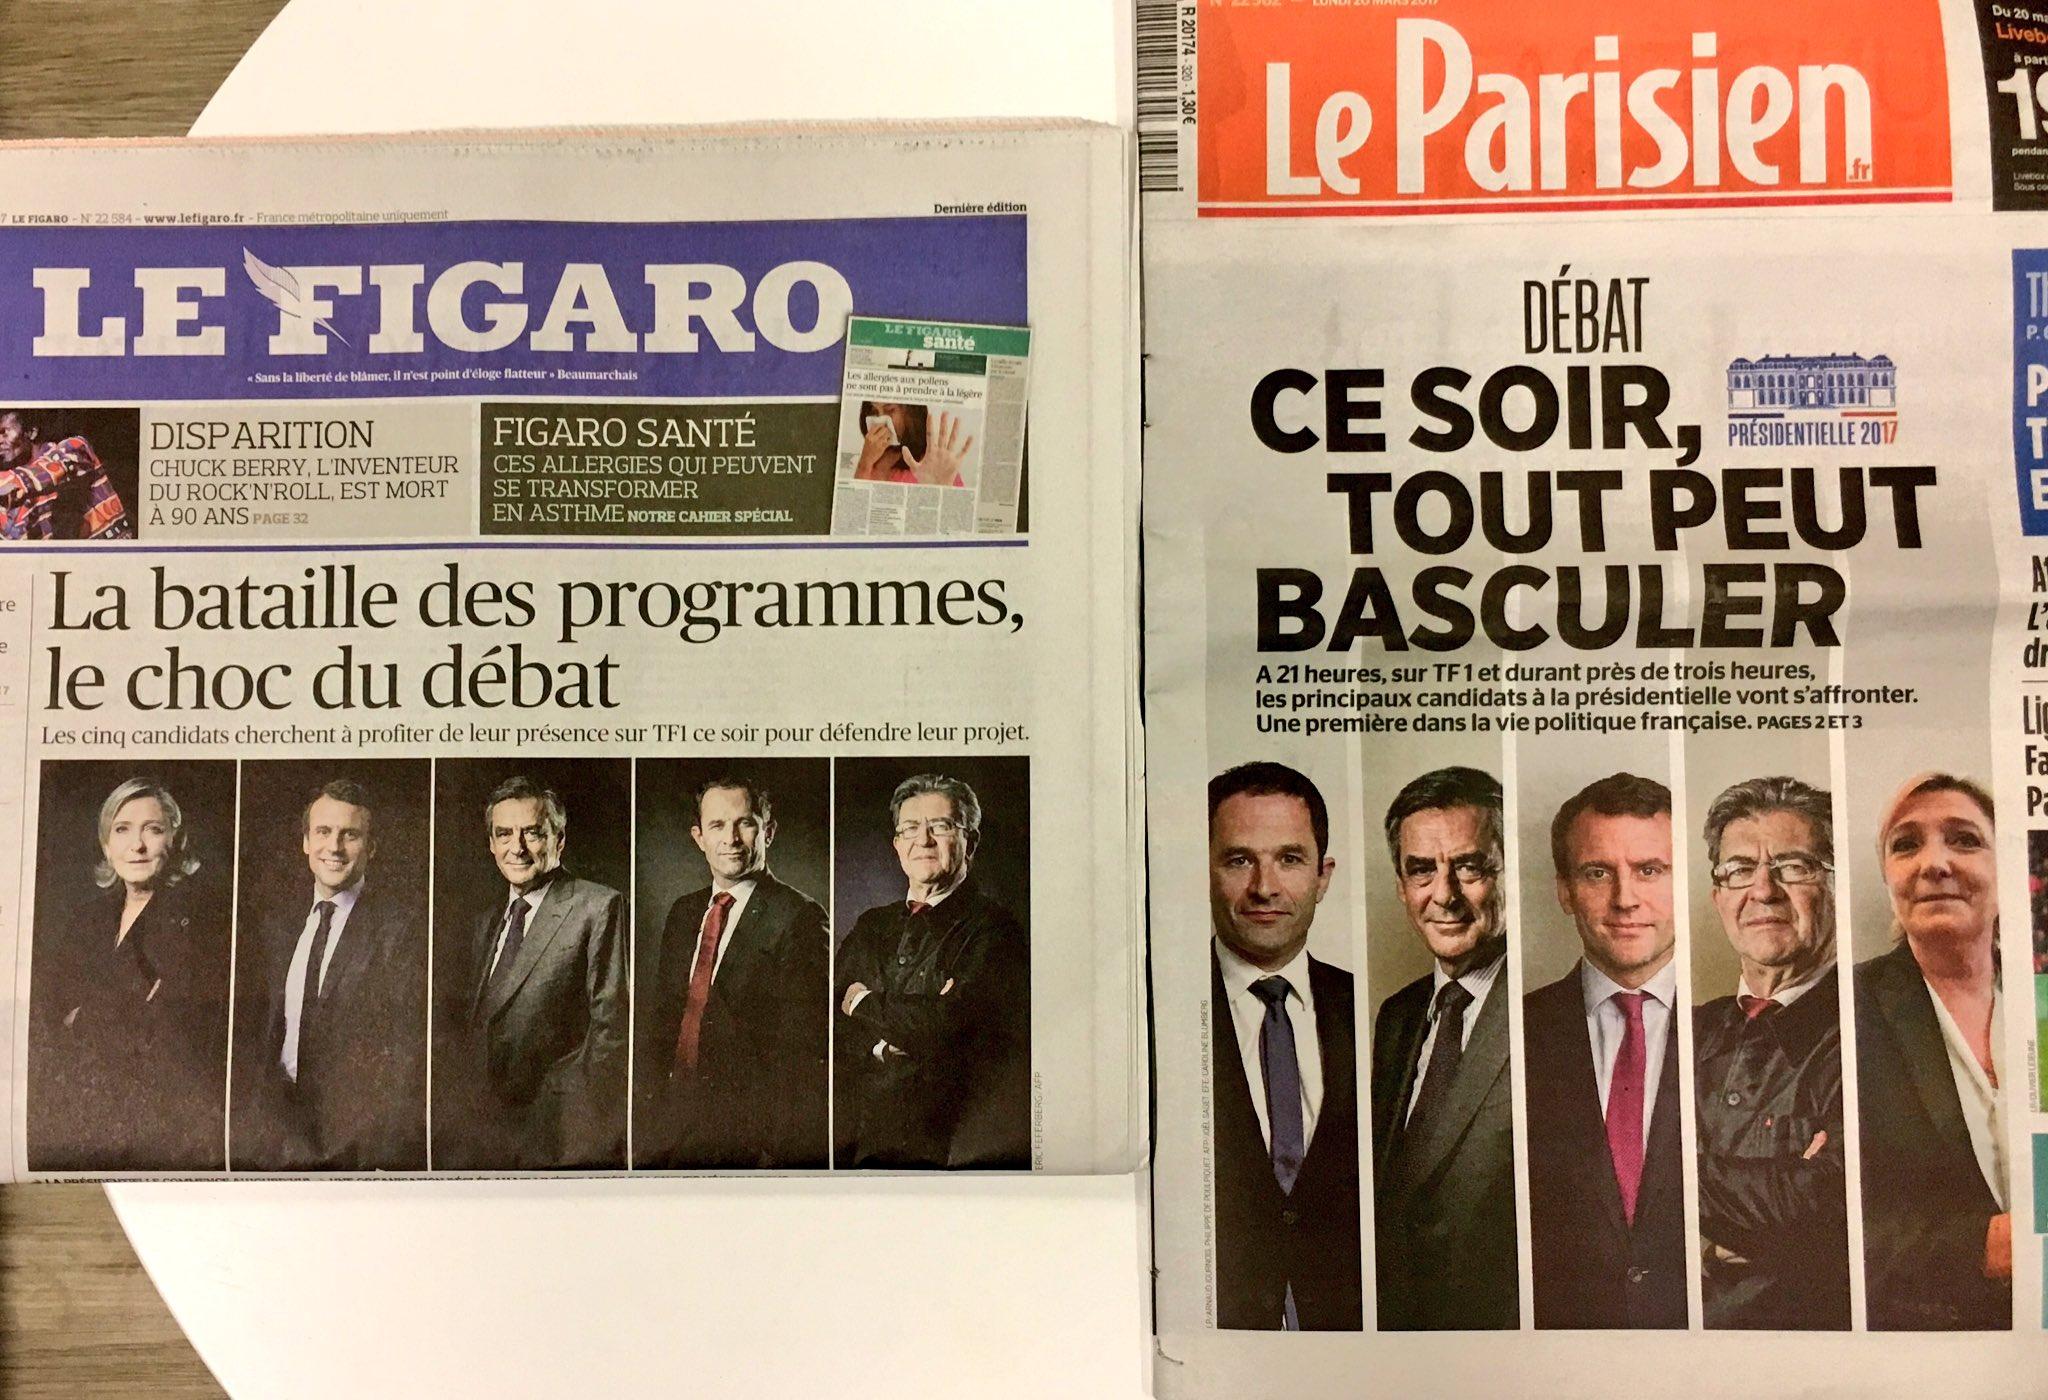 Le choix dans l'ordre des photos : Fillon au milieu pour le Fig, Macron pour le Parisien. #LeGrandDebat https://t.co/kskY5ABMAq